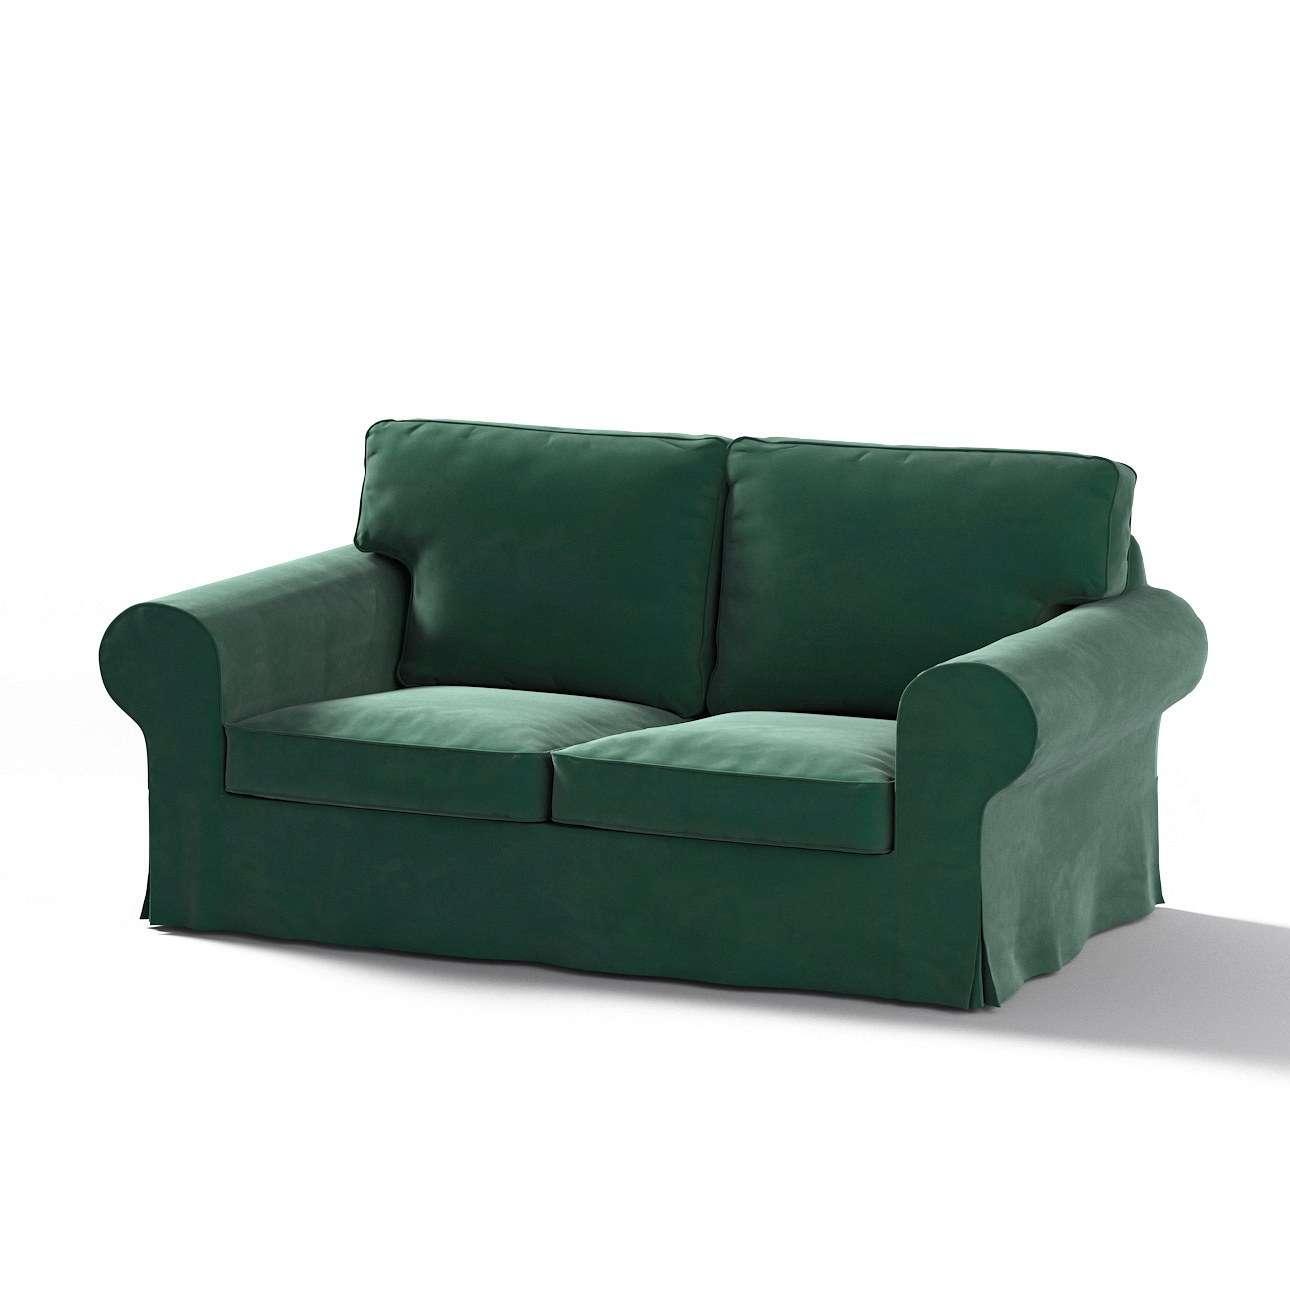 Poťah na sedačku Ektorp (rozkladacia, pre 2 osoby) NOVÝ MODEL 2012 V kolekcii Velvet, tkanina: 704-25